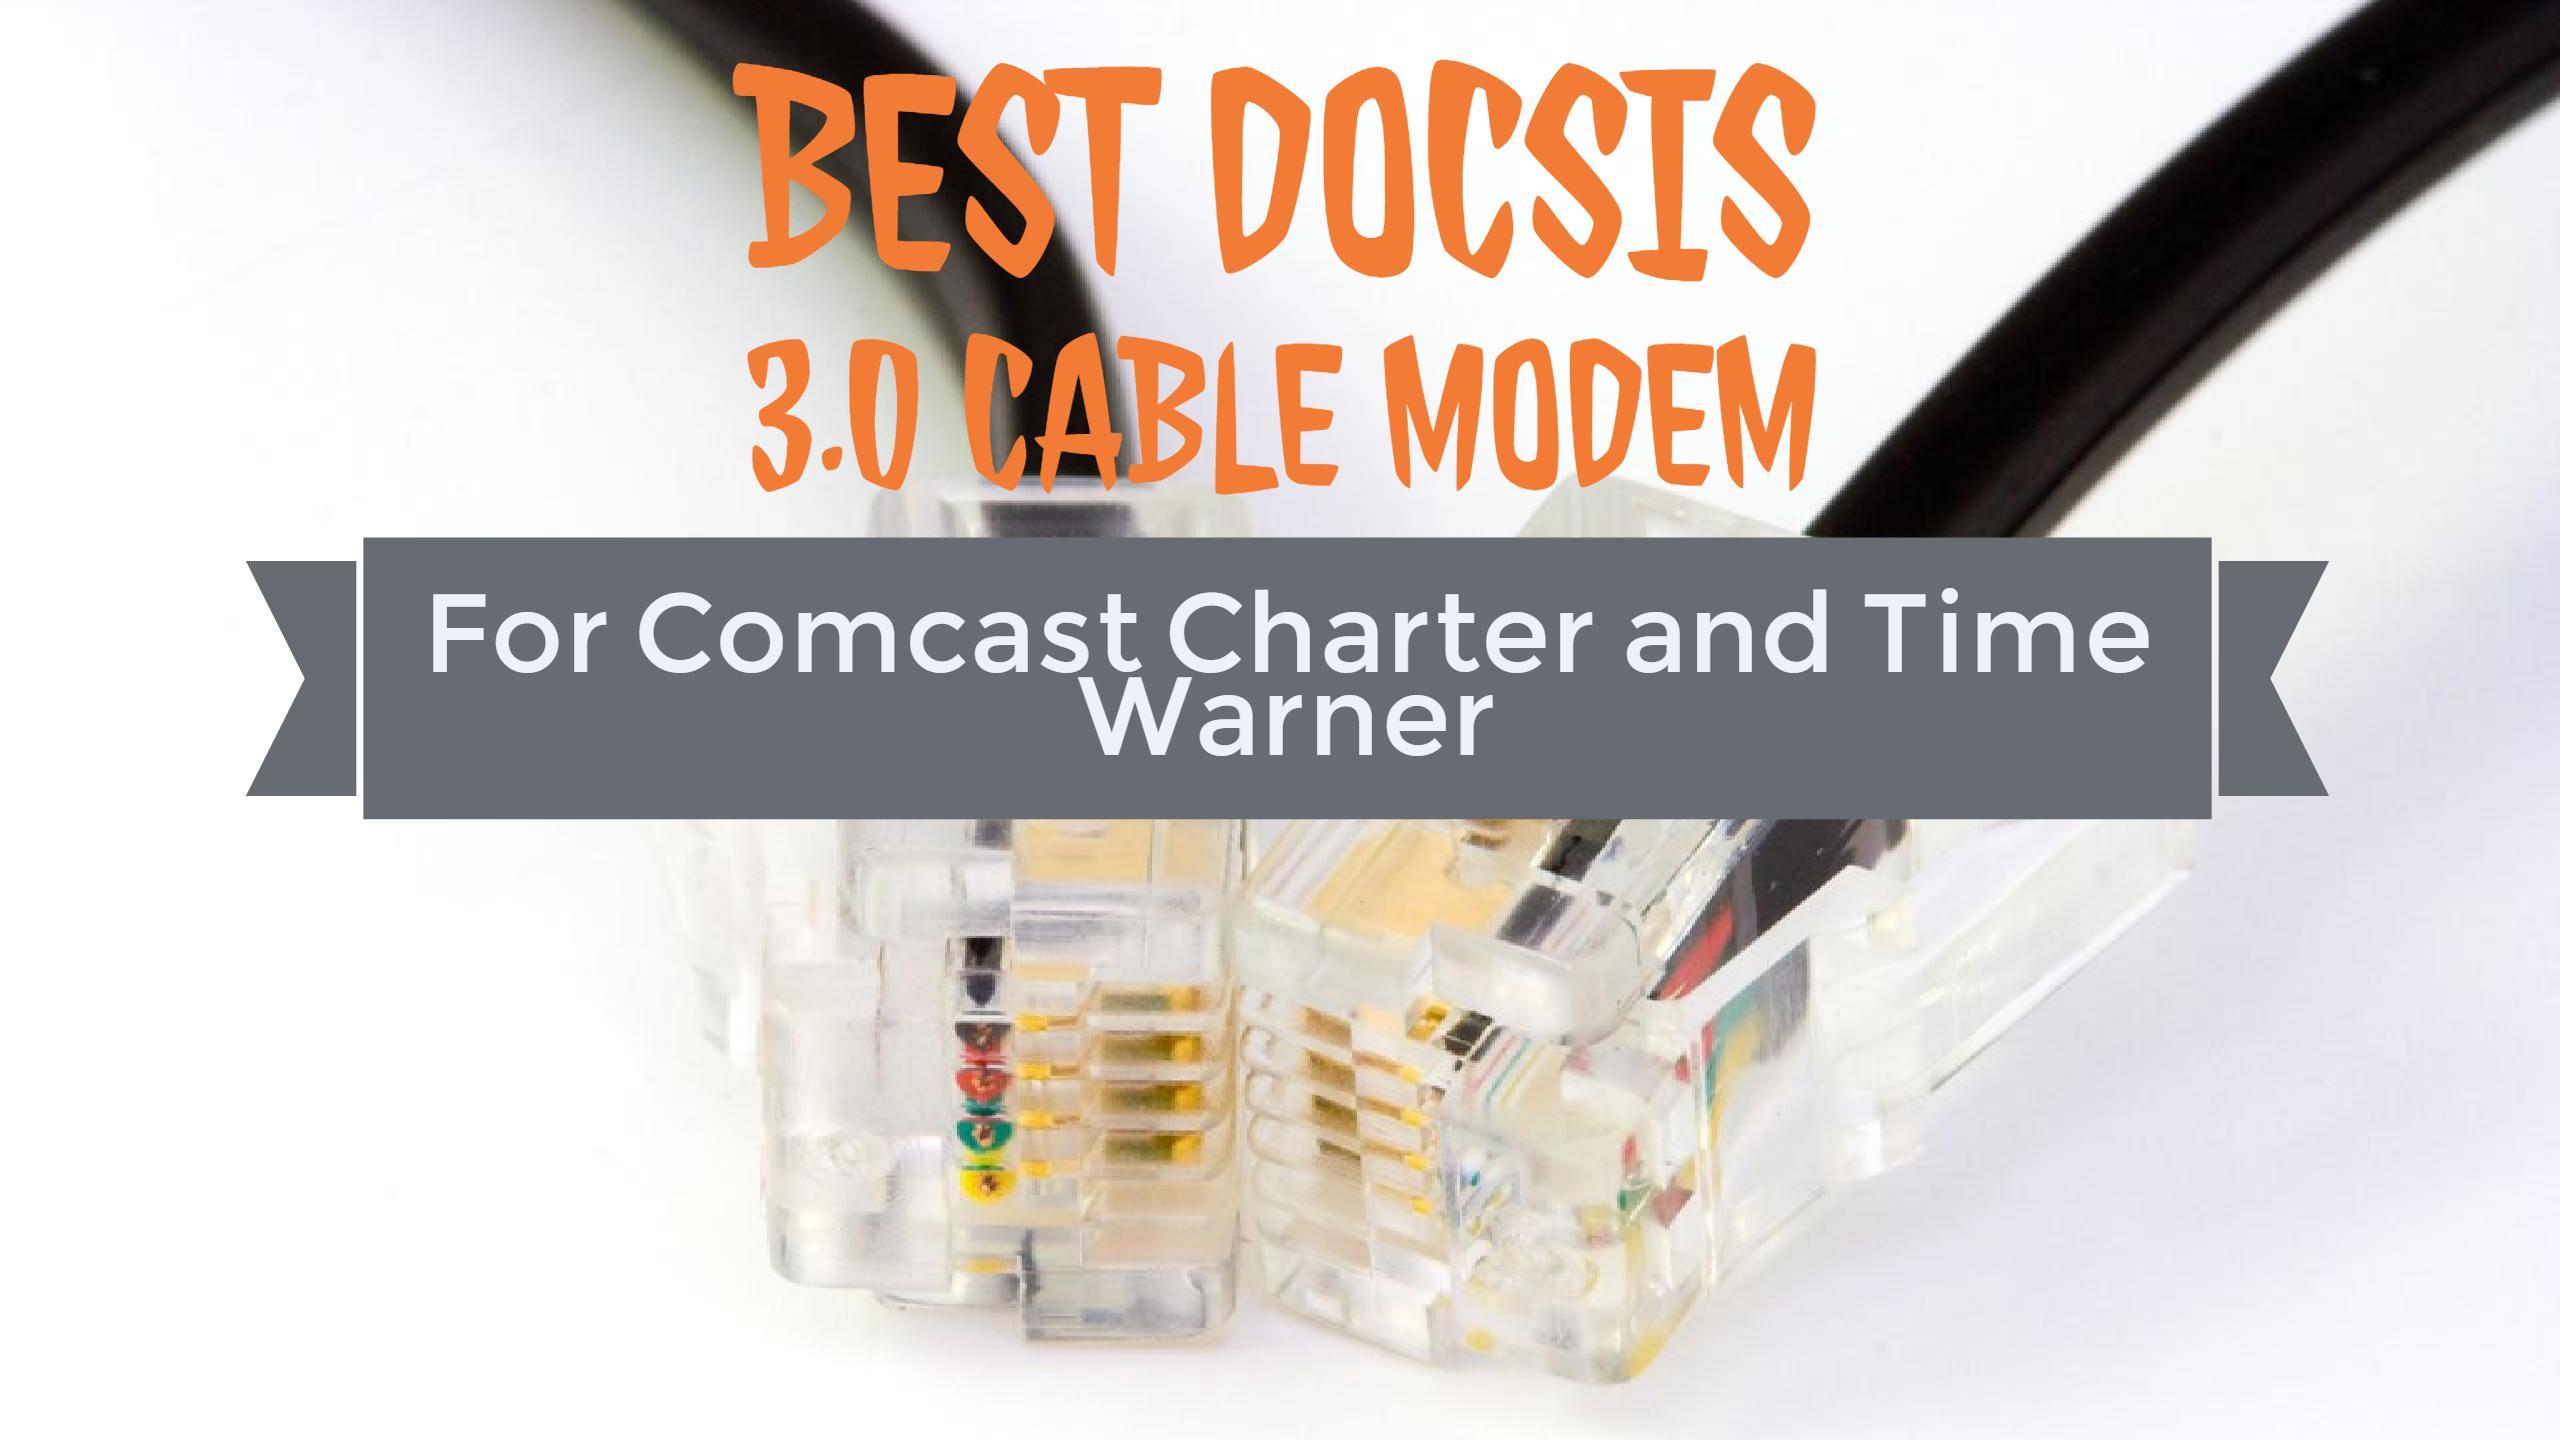 Best DOCSIS 3.0 Cable Modem